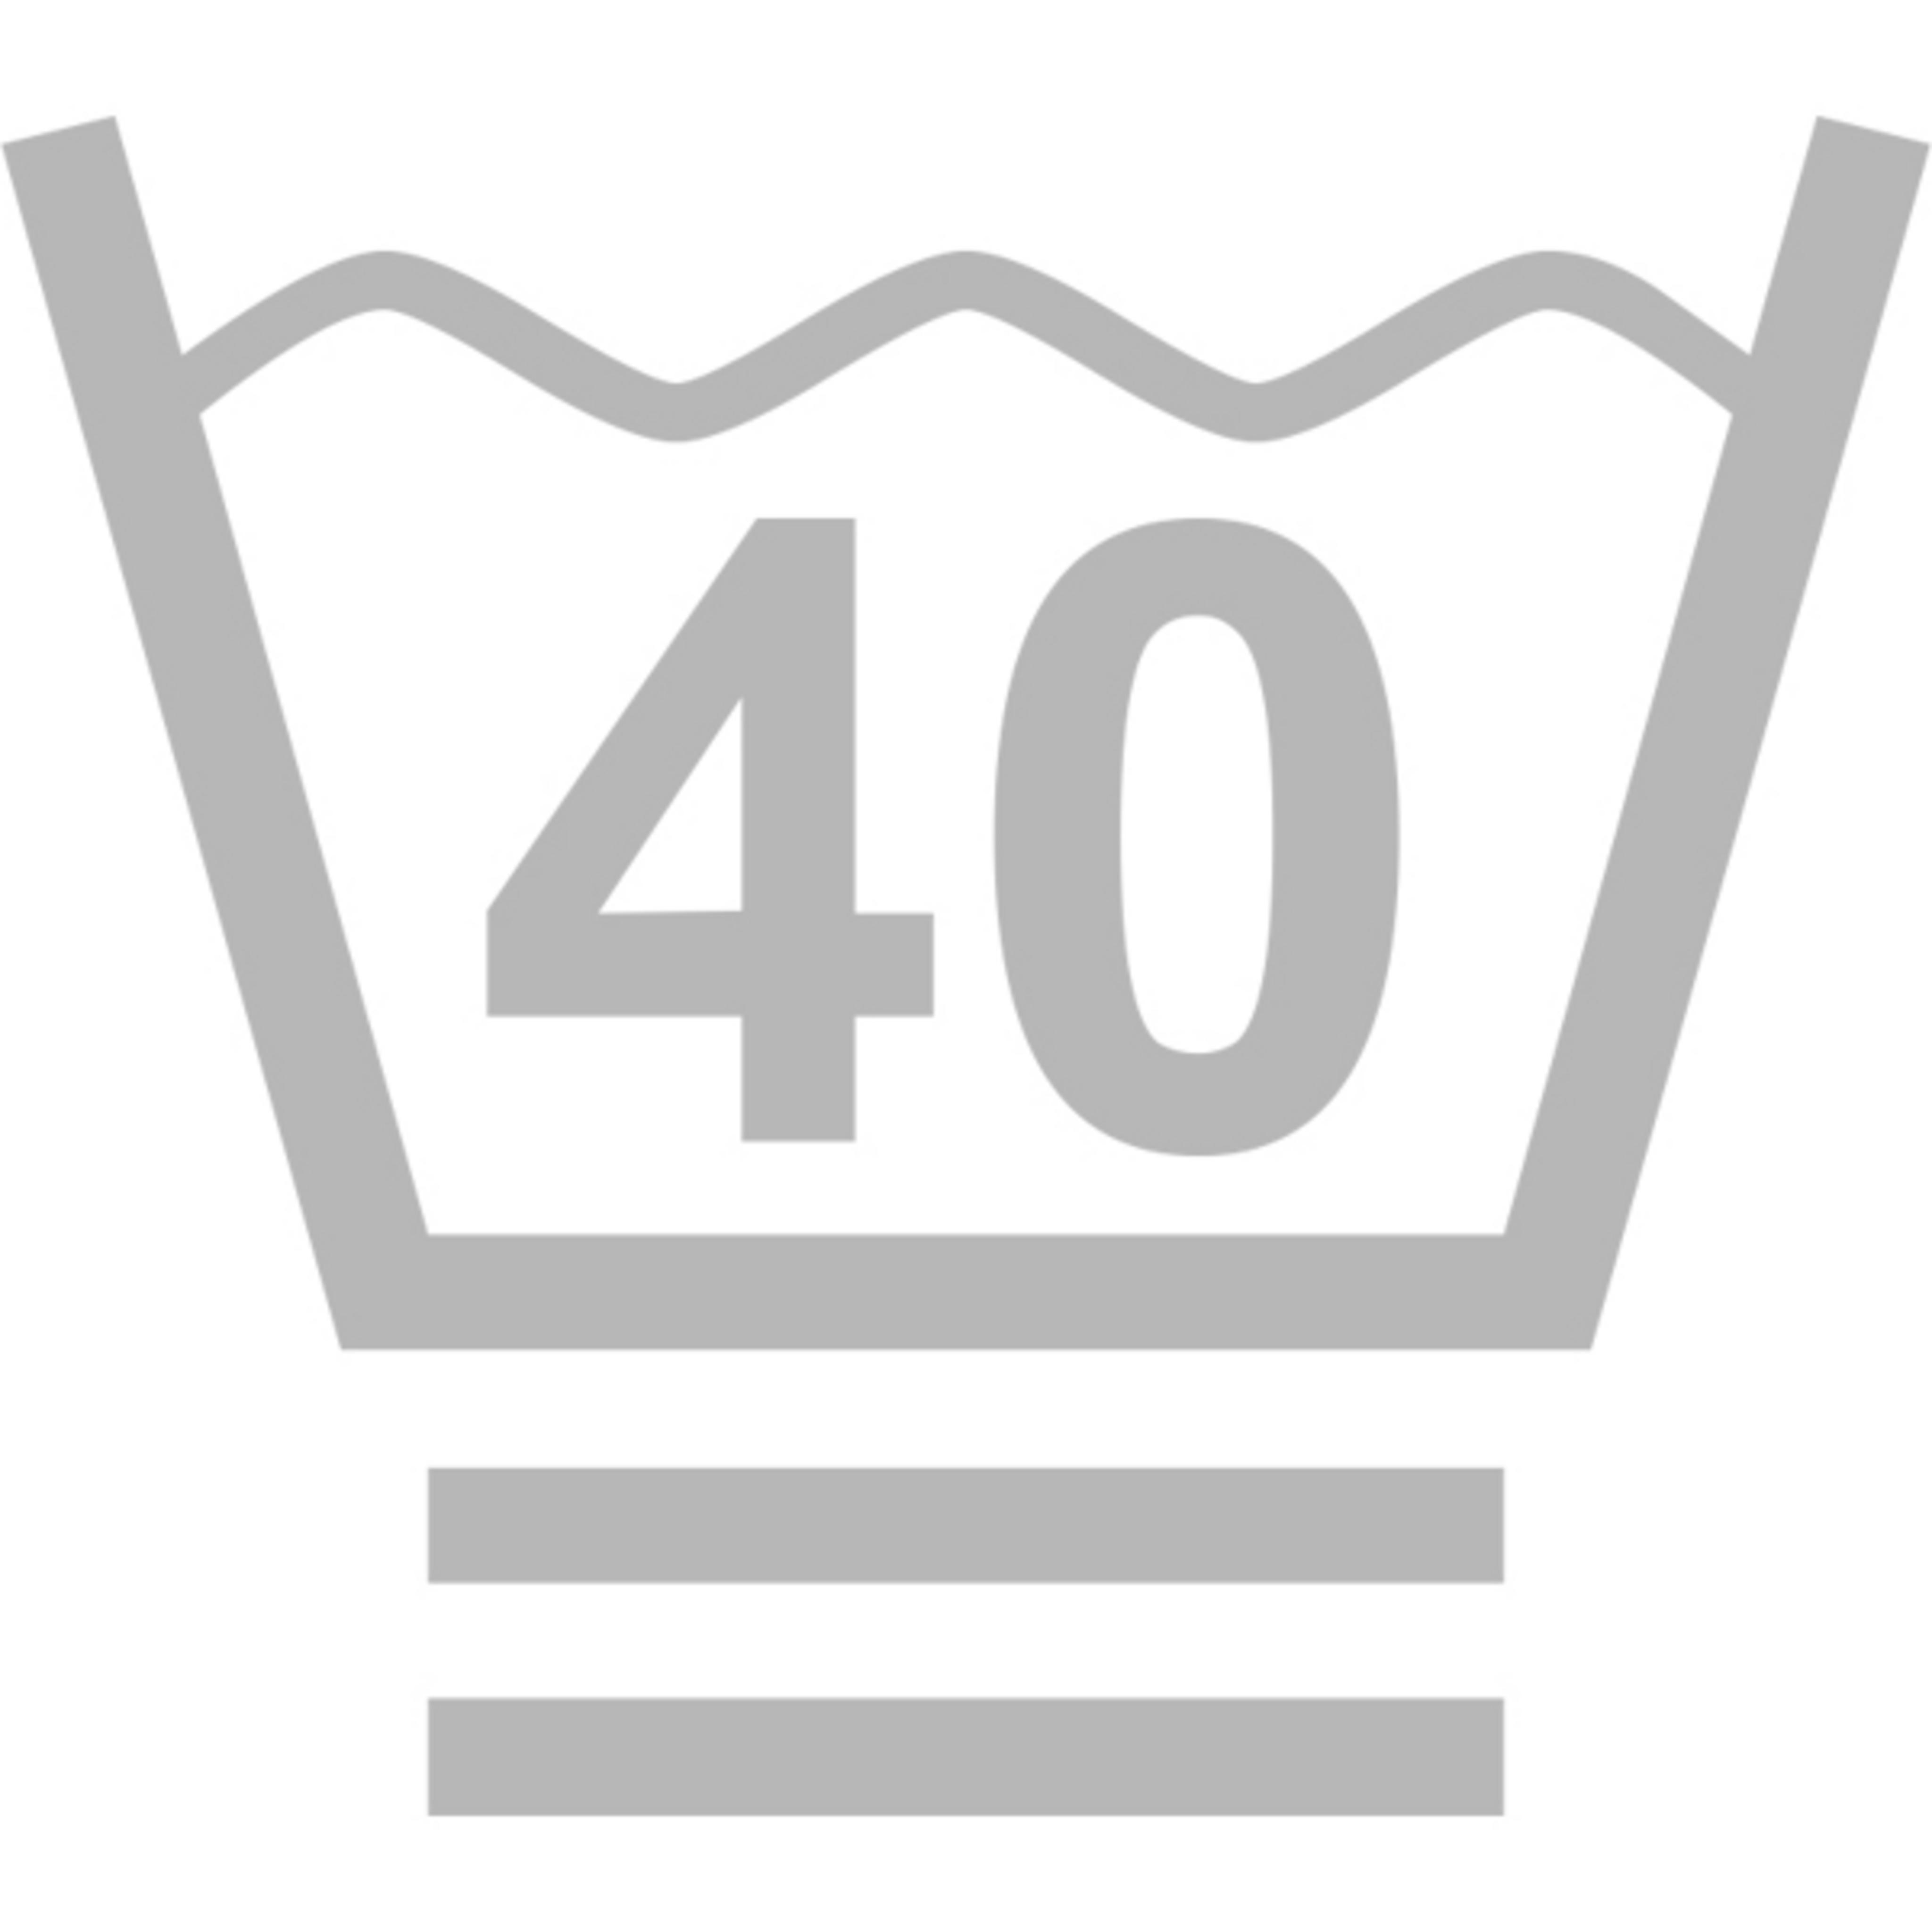 Maschinenwäsche im Spezialschonwaschgang bei maximal 40° Celsius